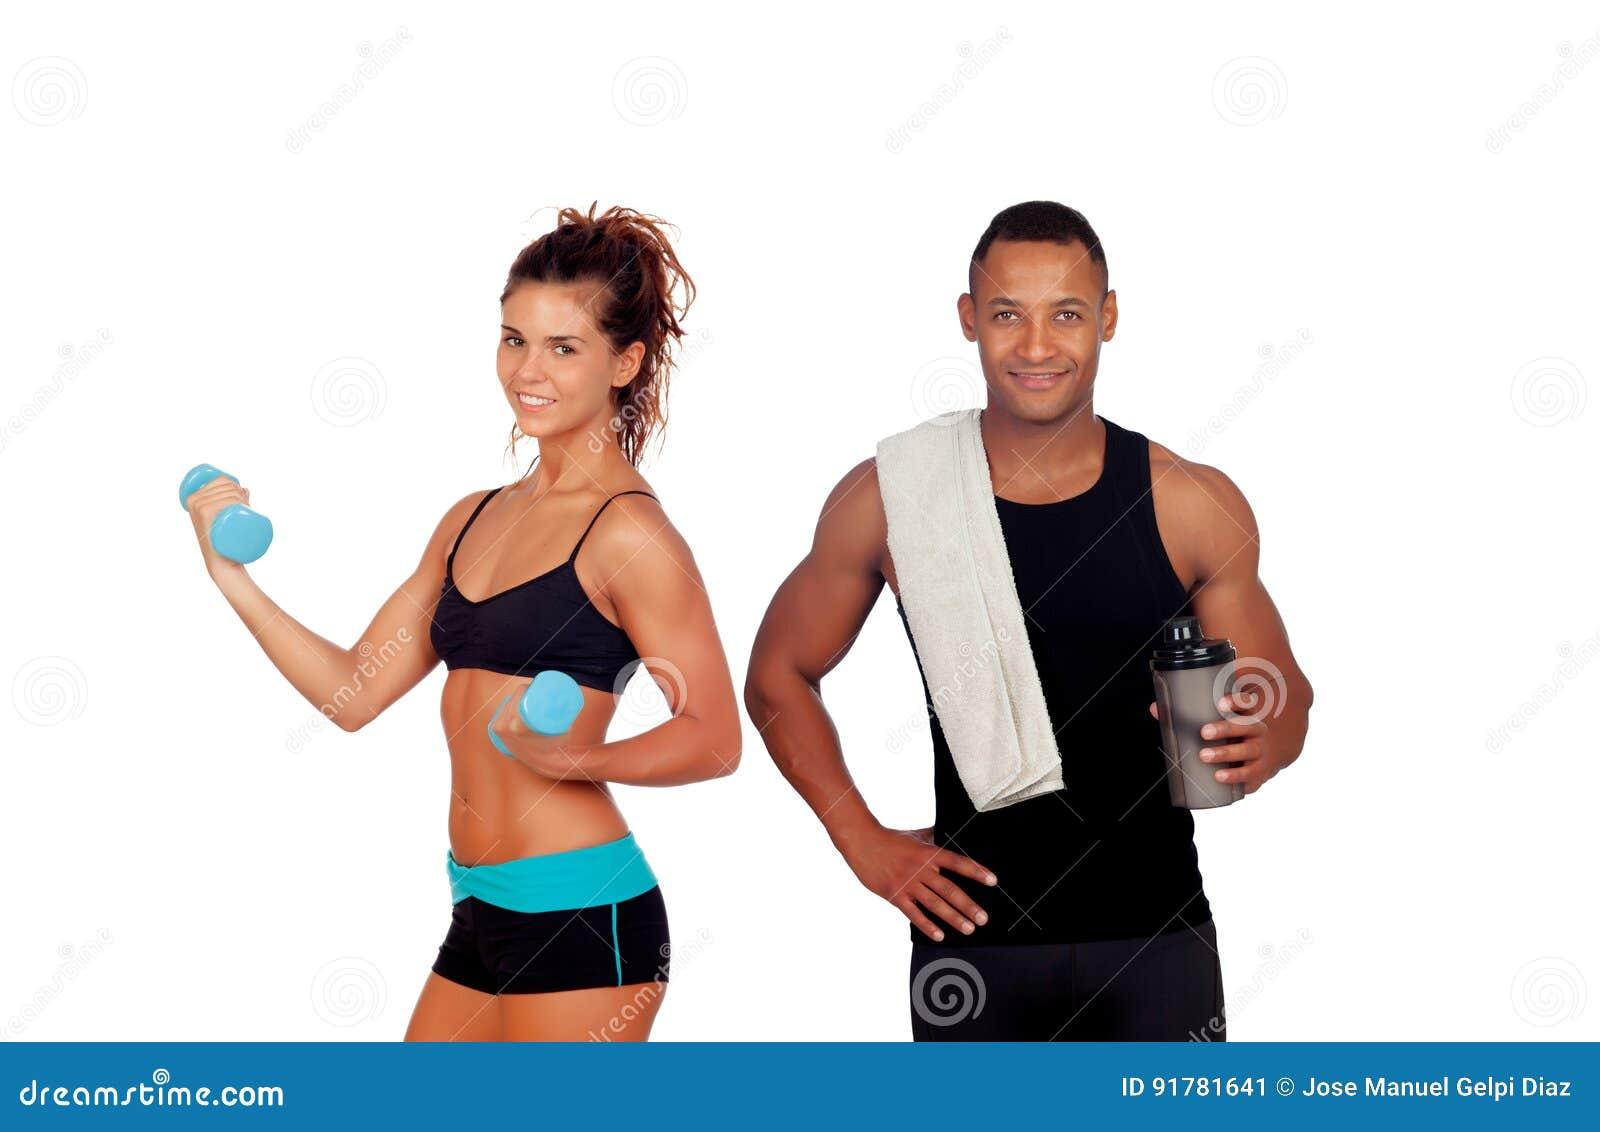 Athletischer Mann, nach dem Handeln, übt trinkendes Schüttel-Apparat proteincockta aus